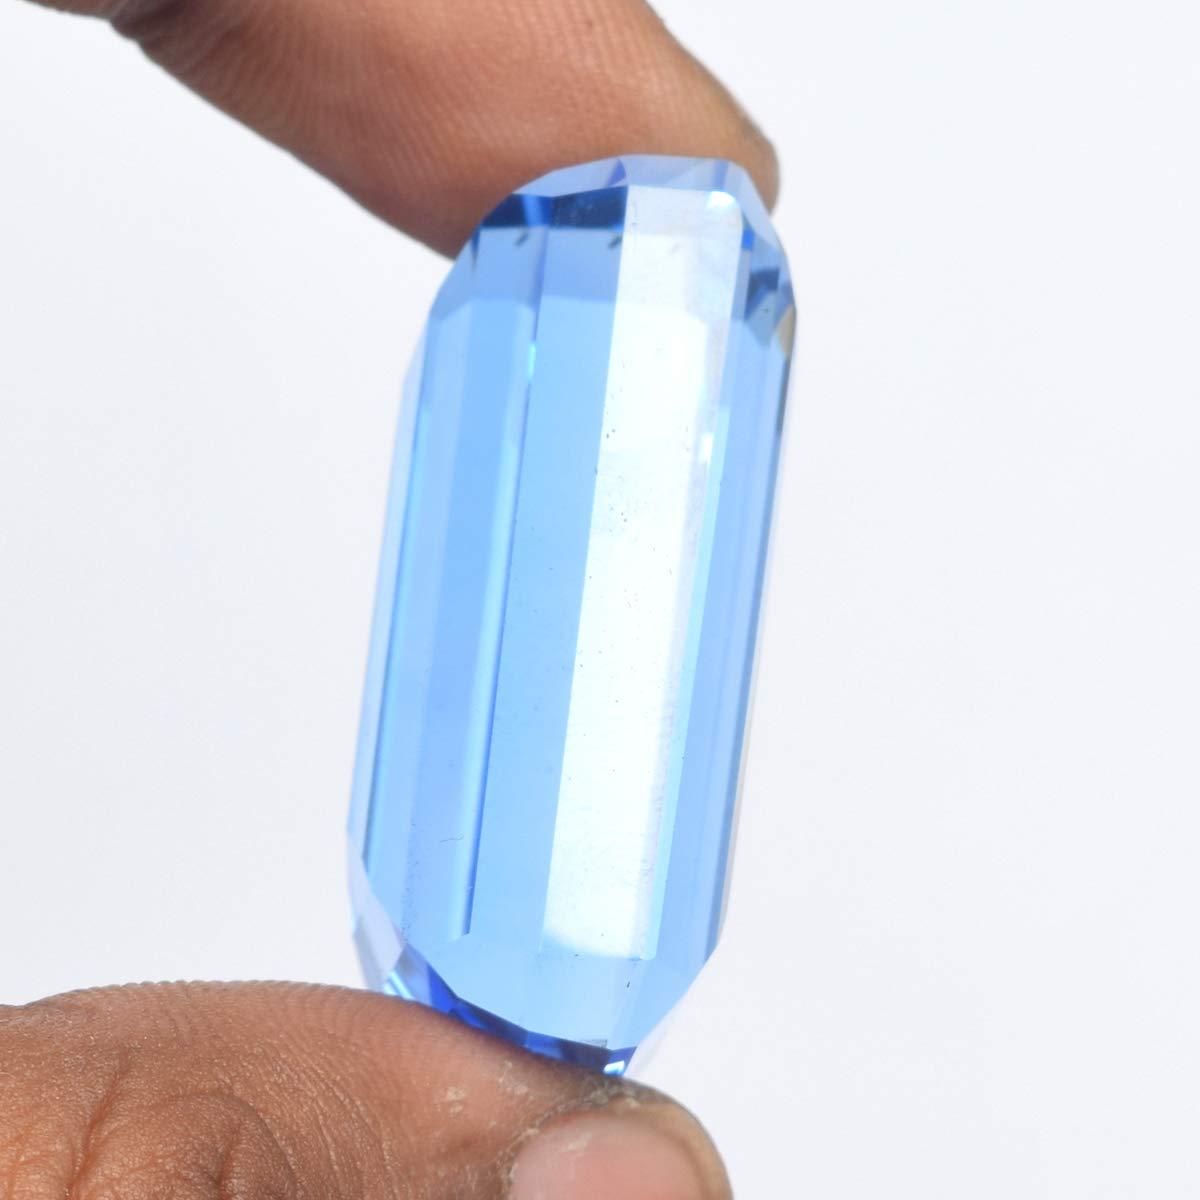 Pierre pr/écieuse en Vrac avec Topaze taill/ée en /émeraude pour la Fabrication de Bijoux REAL-GEMS Topaze Bleue /à facettes 100.10 CT